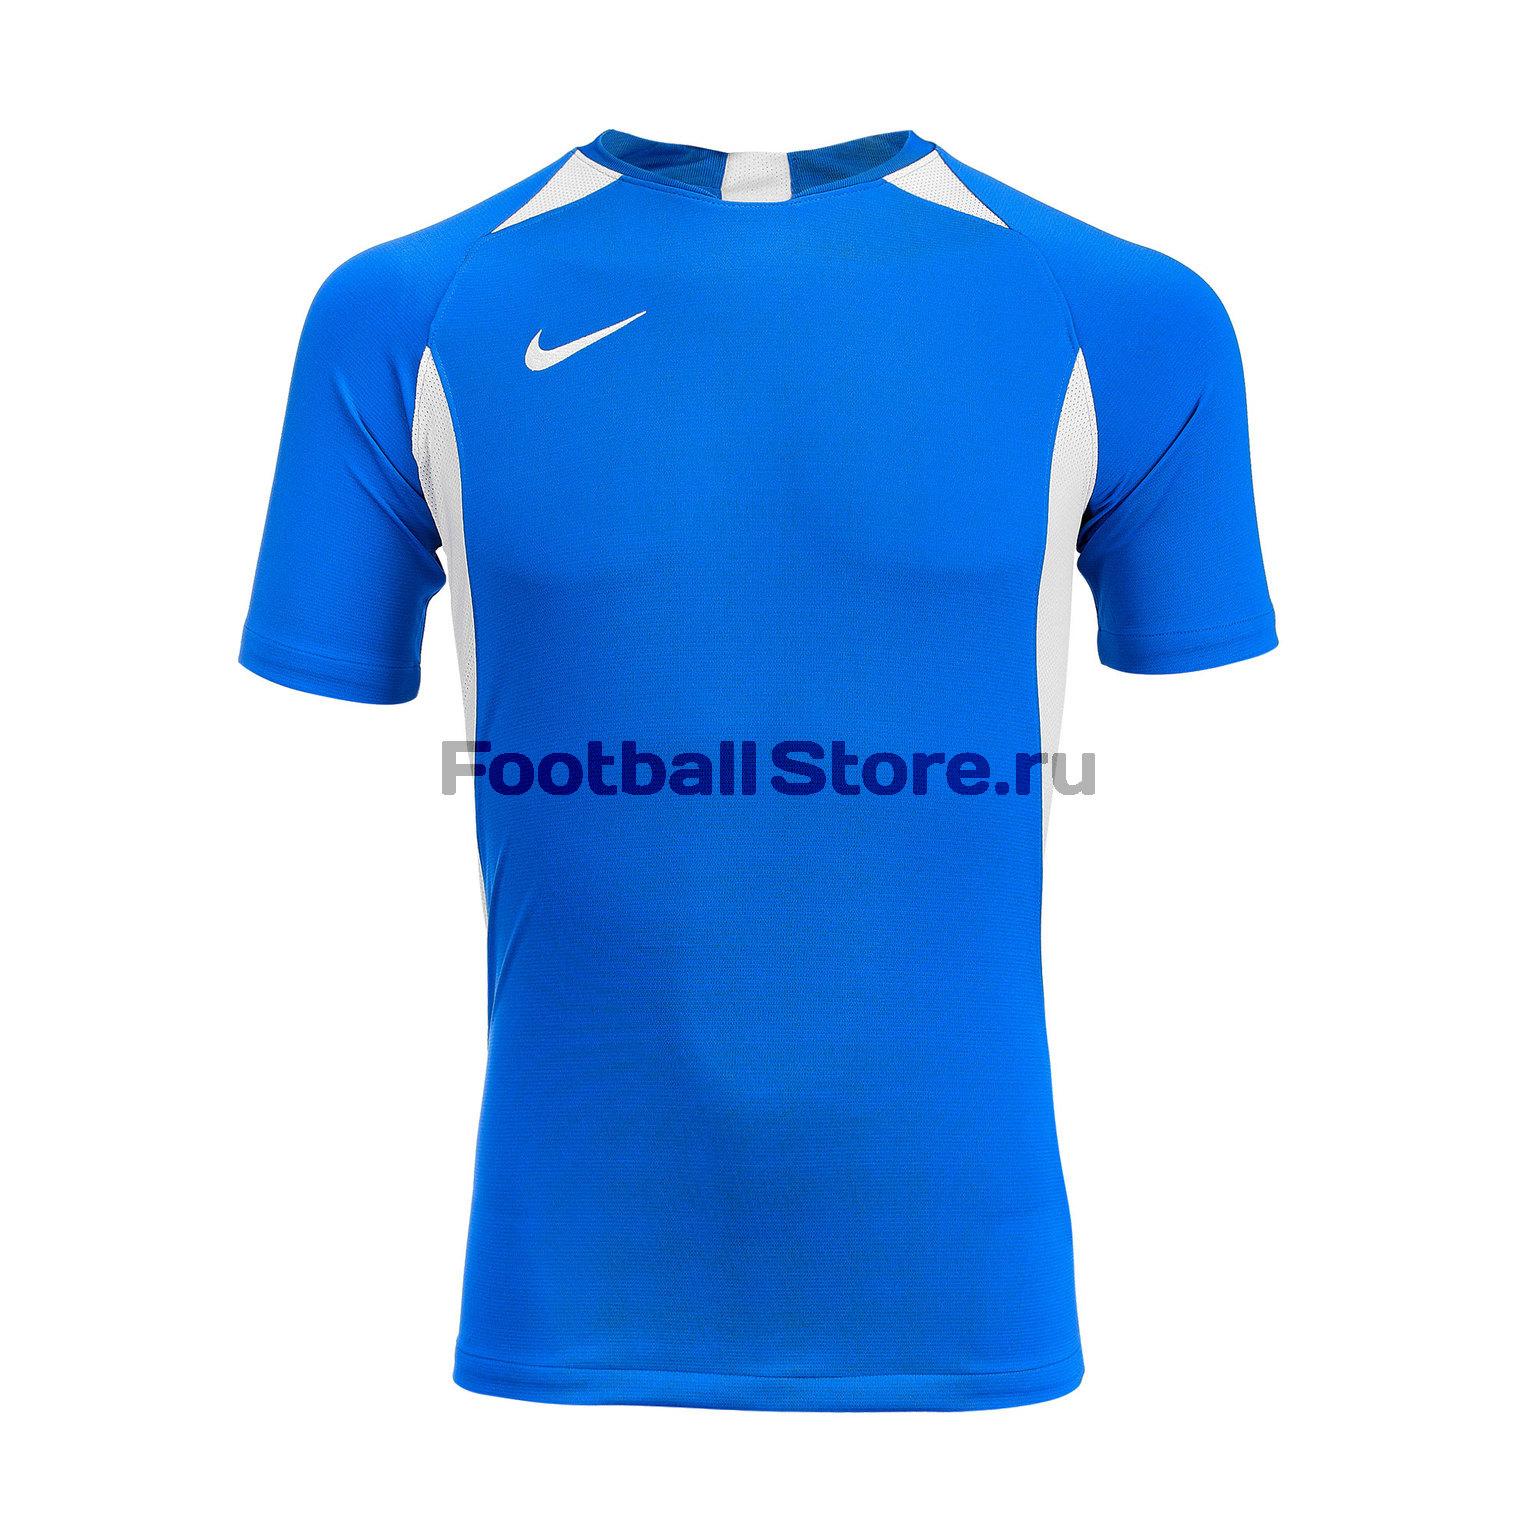 Футболка подростковая Nike Dry Legend SS AJ1010-463 футболка игровая nike dry tiempo prem jsy ss 894230 411